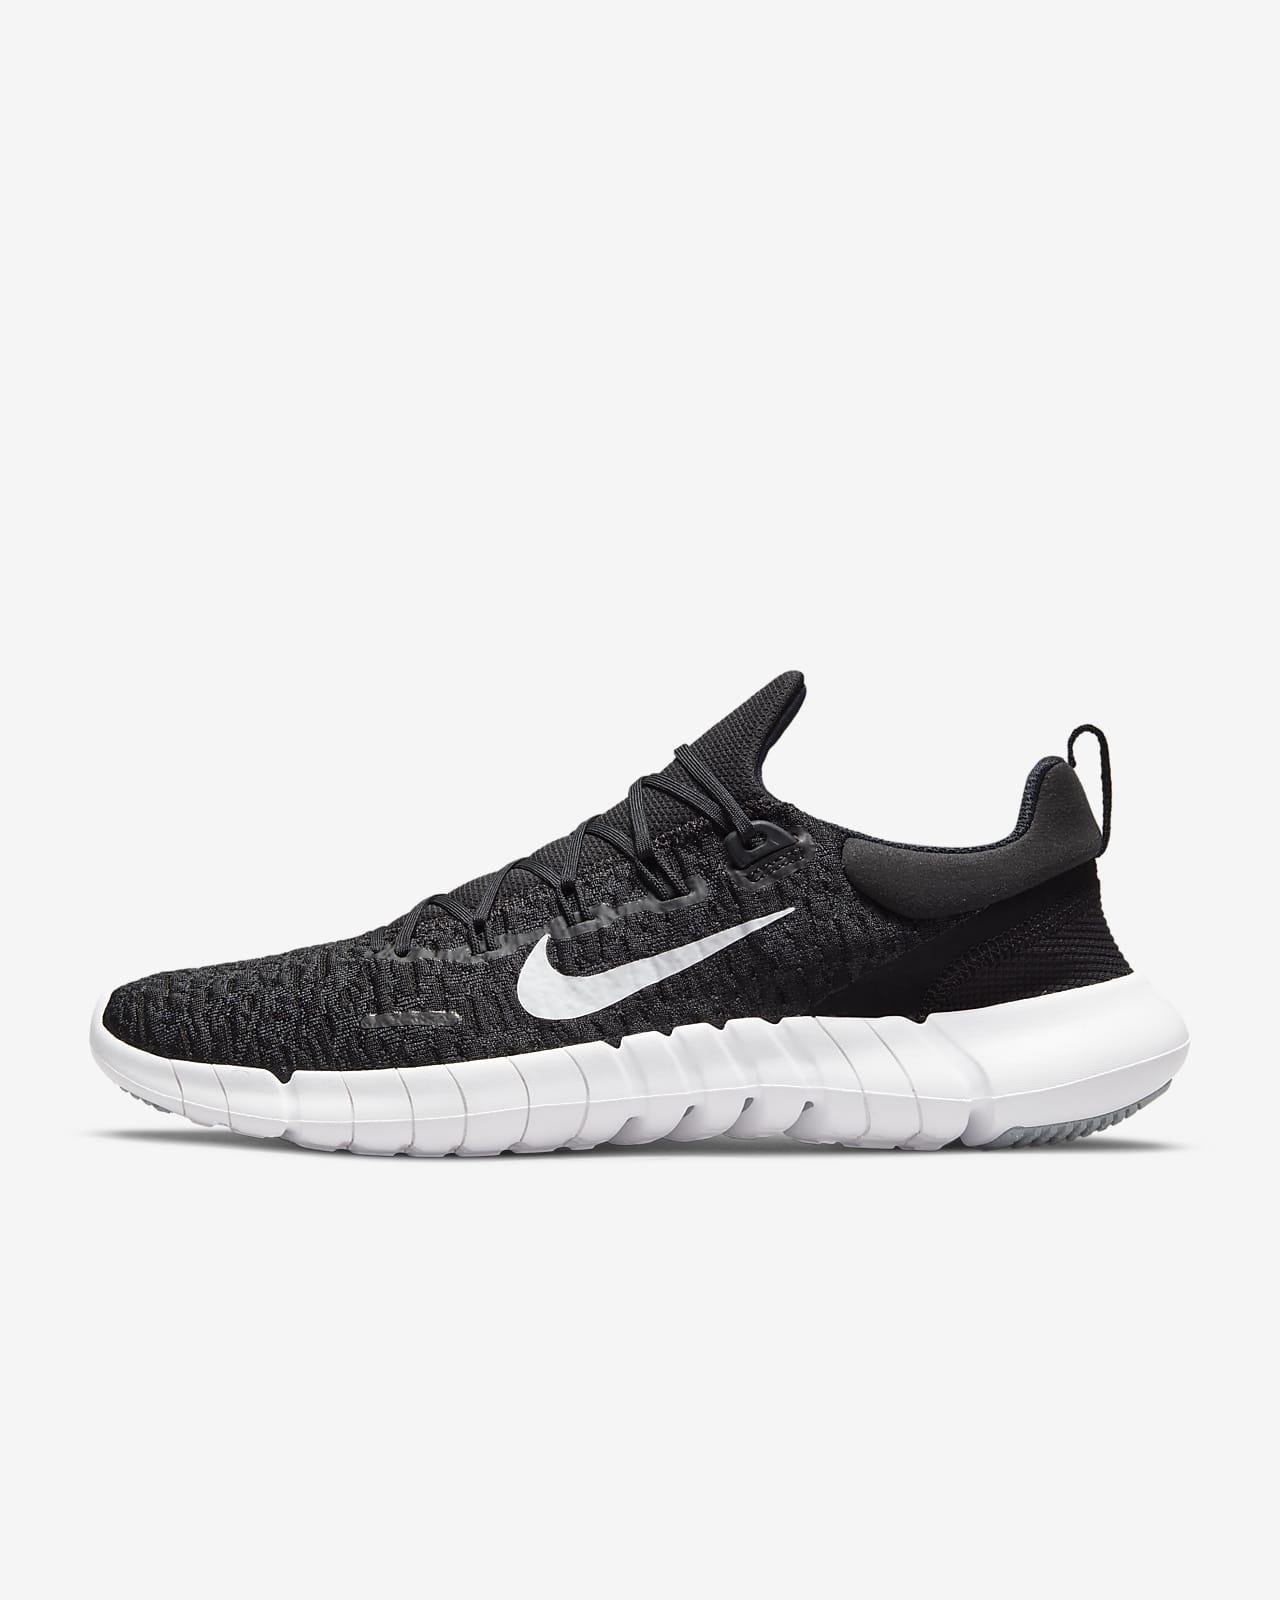 Ανδρικό παπούτσι για τρέξιμο σε δρόμο Nike Free Run 5.0